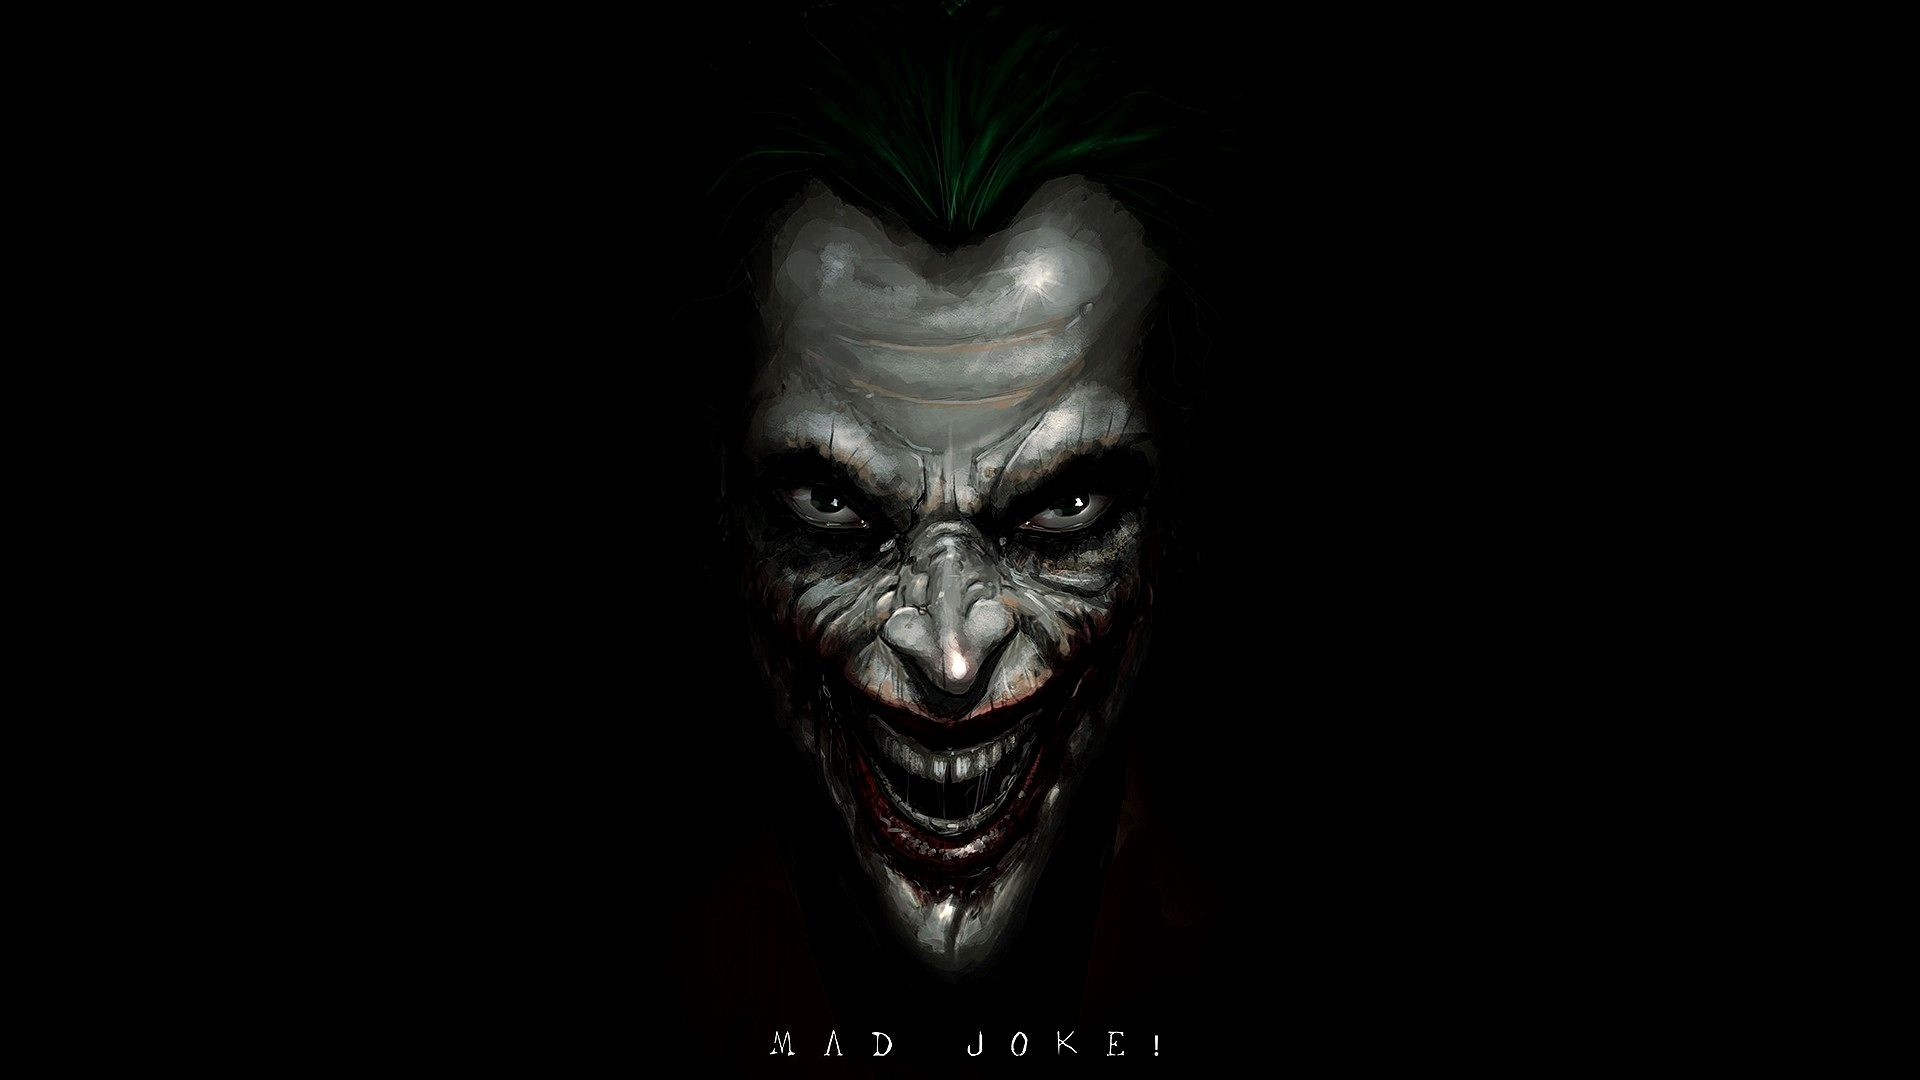 4k Wallpaper For Mobile 1920x1080 Joker Gallery Di 2020 Joker Gambar Kartun